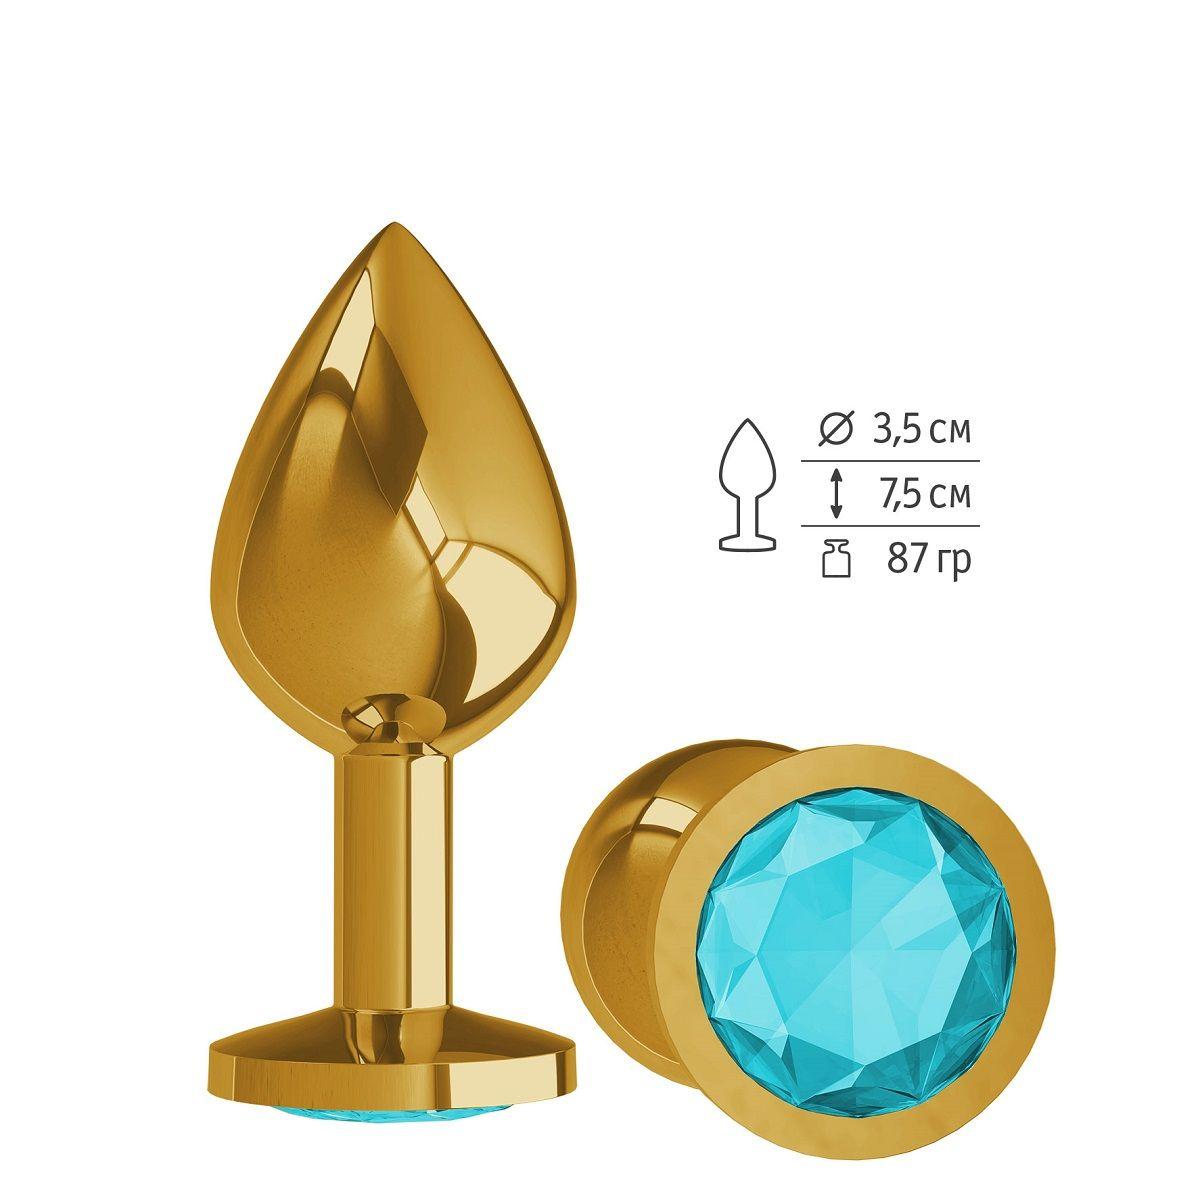 Золотистая средняя пробка с голубым кристаллом - 8,5 см. 520-05 aqua-DD от Сумерки богов